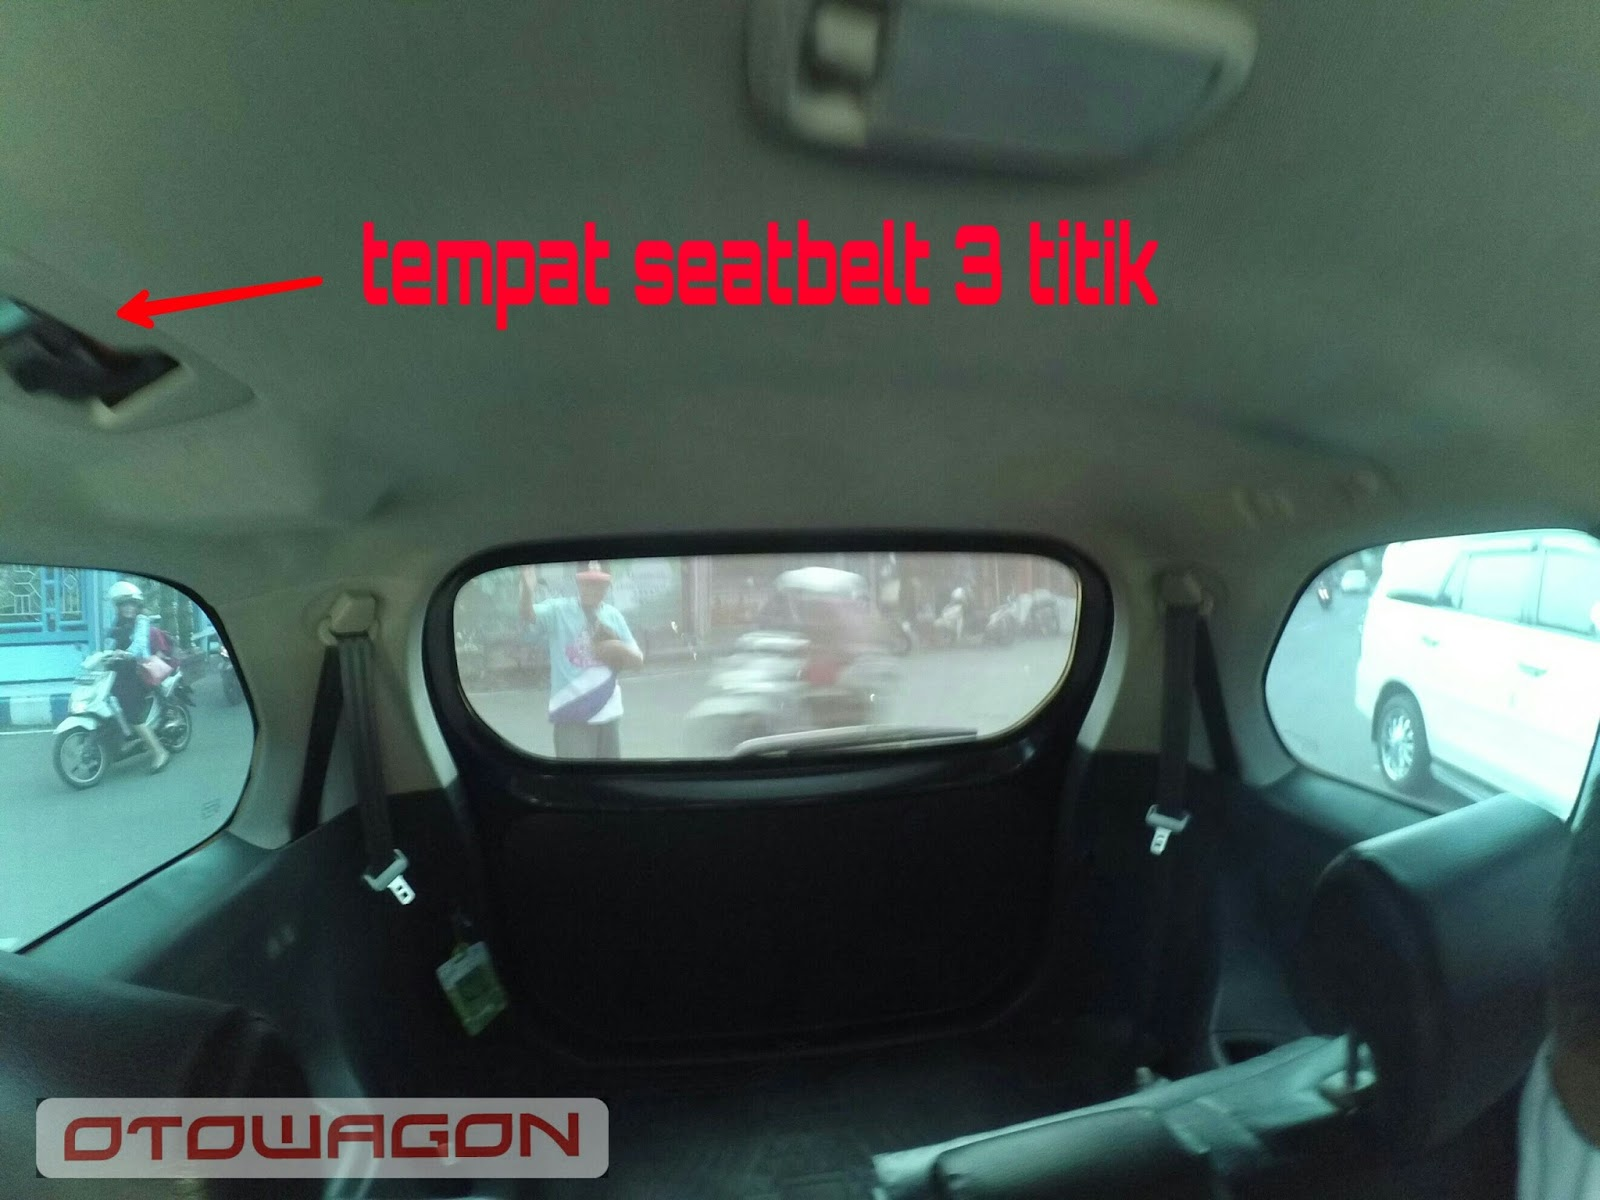 Grand New Avanza Limbung Toyota Yaris Trd Sportivo Bekas Otowagon G 1 3 Tahun 2016 Peningkatan Maksimal Di Bangku Kedua Terdapat Perubahan Yaitu Penambahan Seatbelt Titik Untuk Penumpang Tengah Sehingga Bisa Lebih Safe